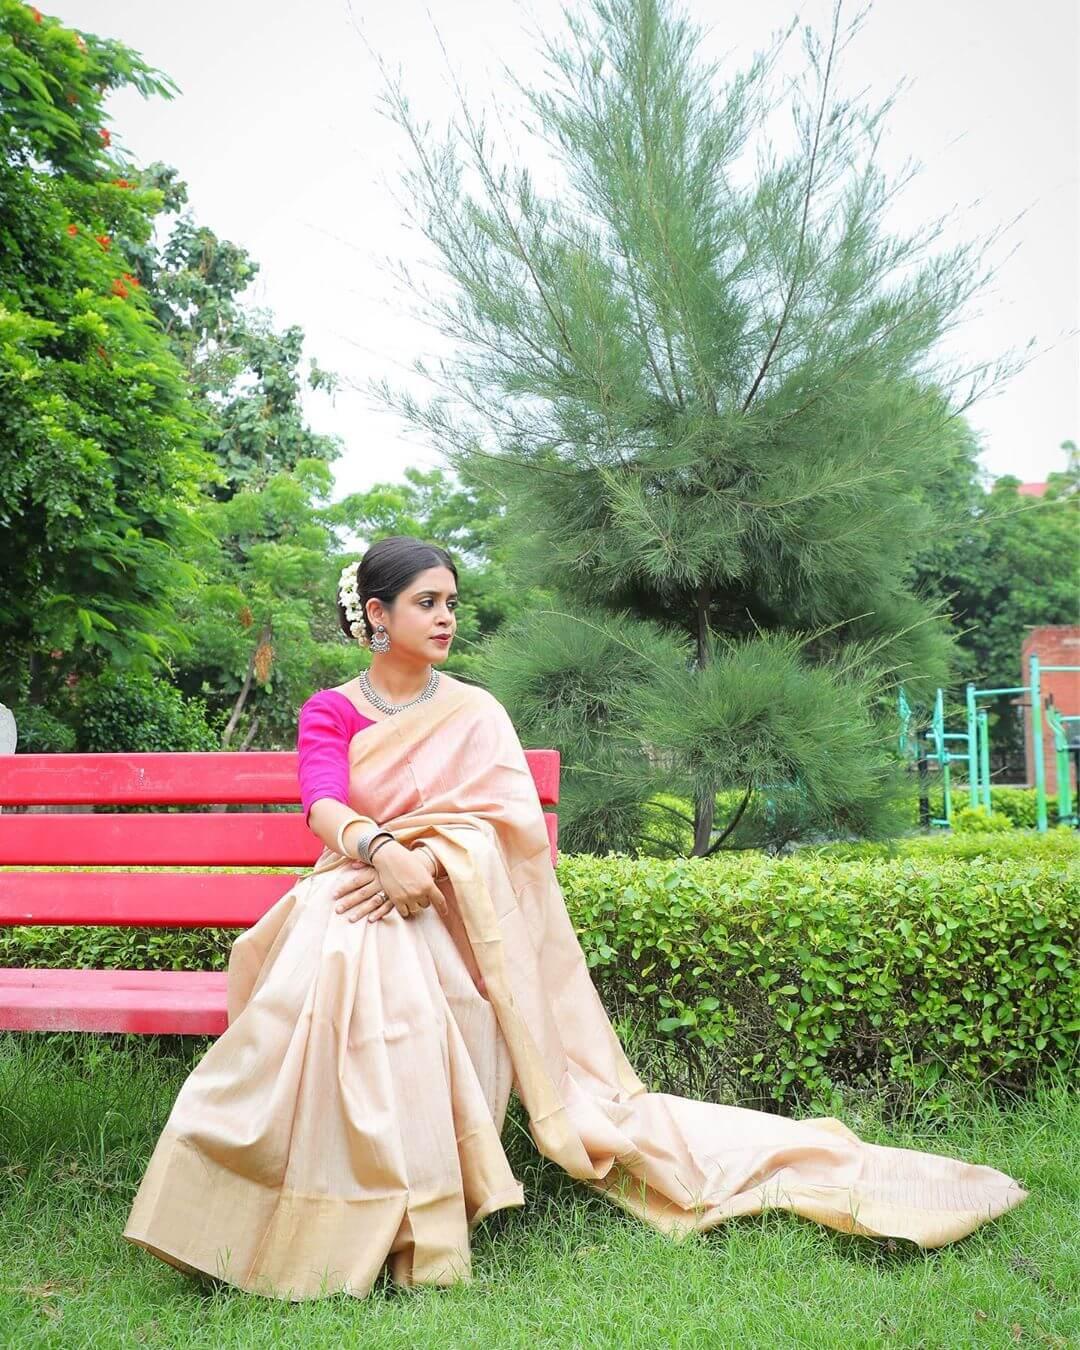 Indian Handloom Bhagalpuri Munga Tussar Saree